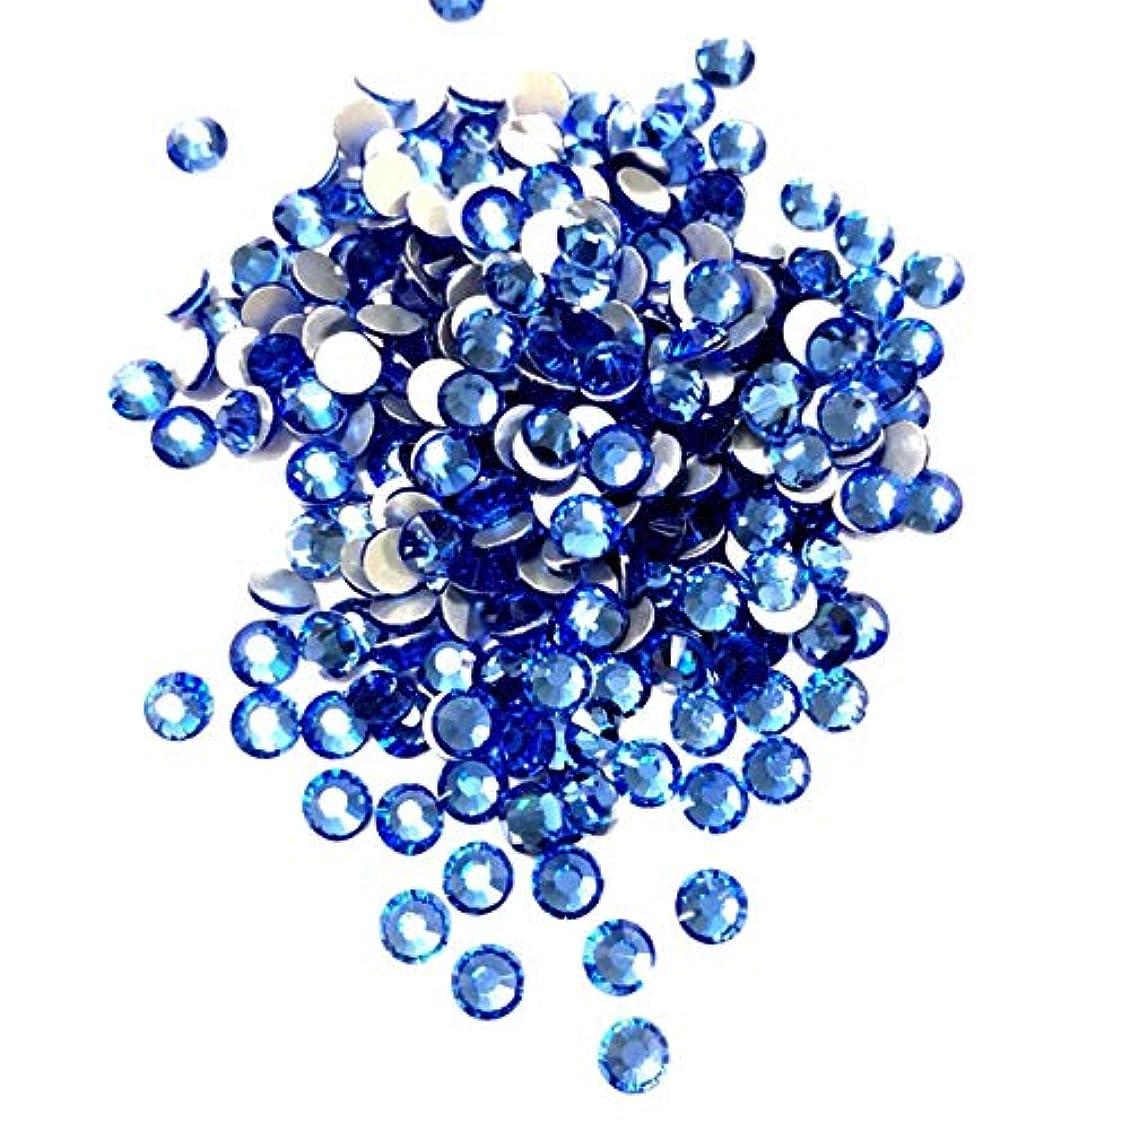 【ネイルウーマン】最高品質ガラスストーン!スワロ同等の輝き! ライトサファイア ブルー 水色 (約100粒入り) (ライトサファイア) (SS8, ライトサファイア)